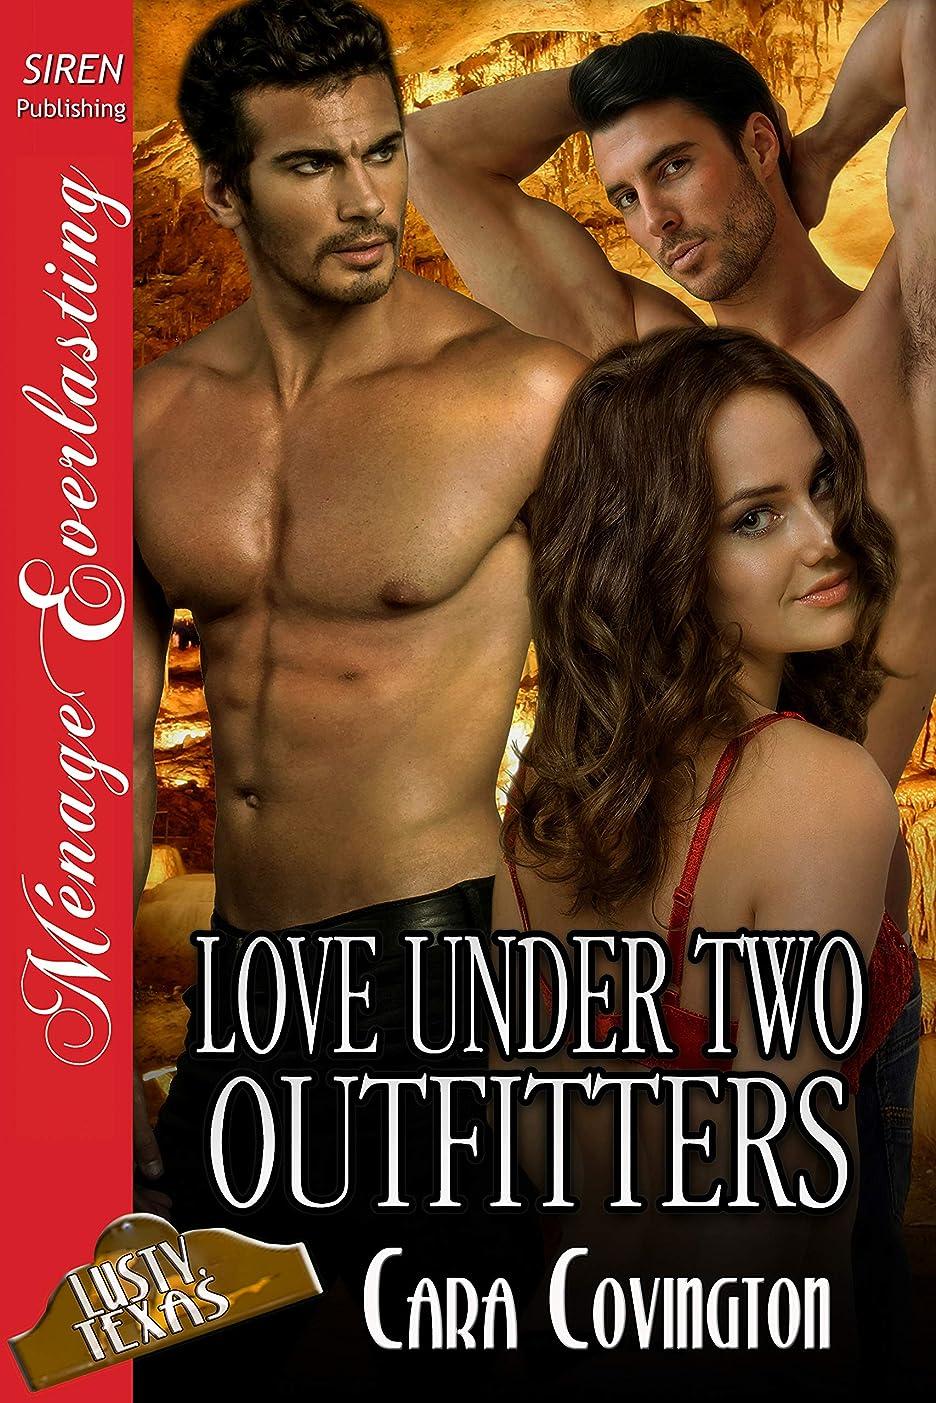 しがみつく痴漢エッセンスLove Under Two Outfitters [The Lusty, Texas Collection] (Siren Publishing Menage Everlasting) (English Edition)